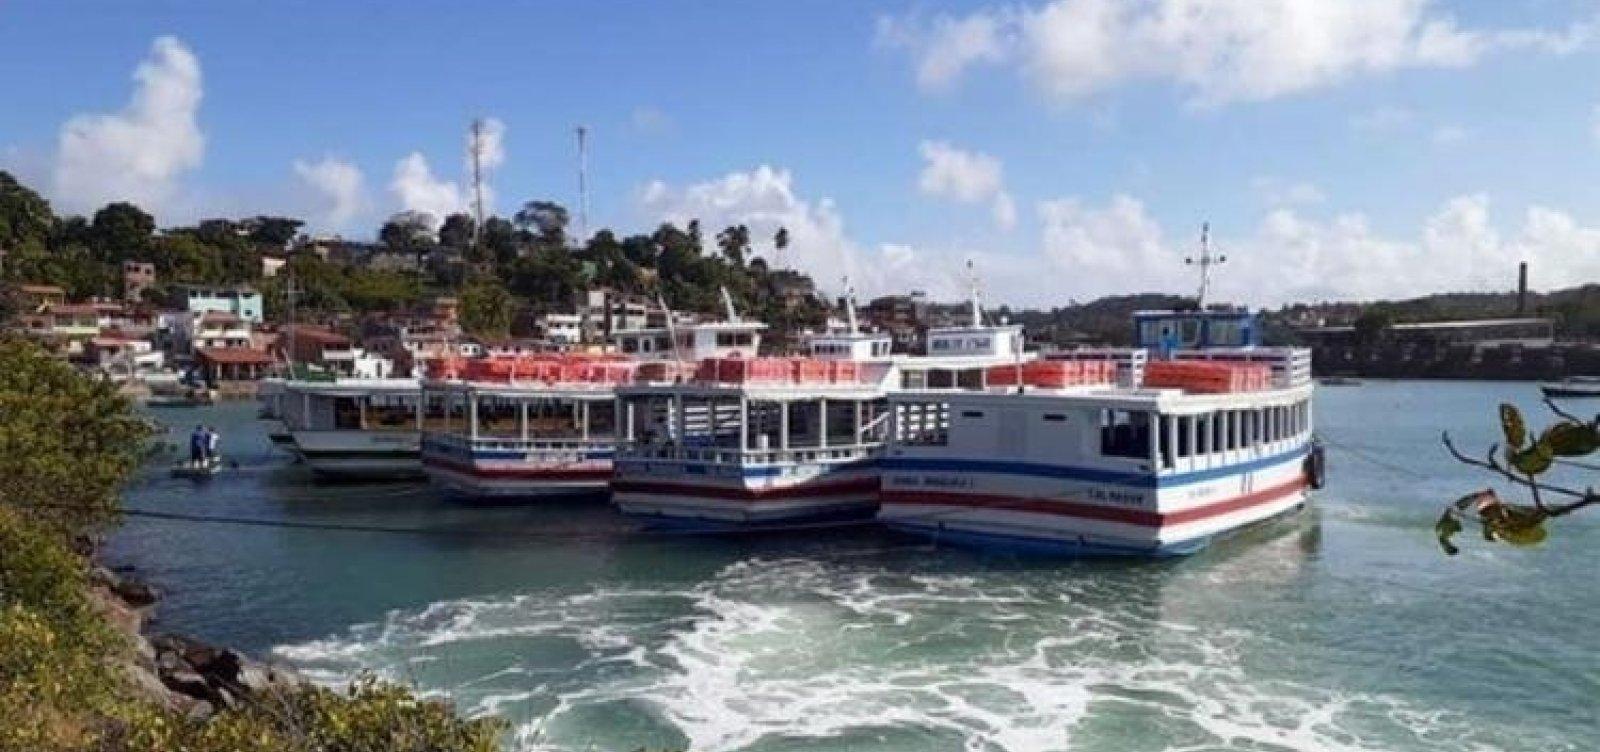 Travessia Salvador - Mar Grande opera tranquilamente com oito embarcações